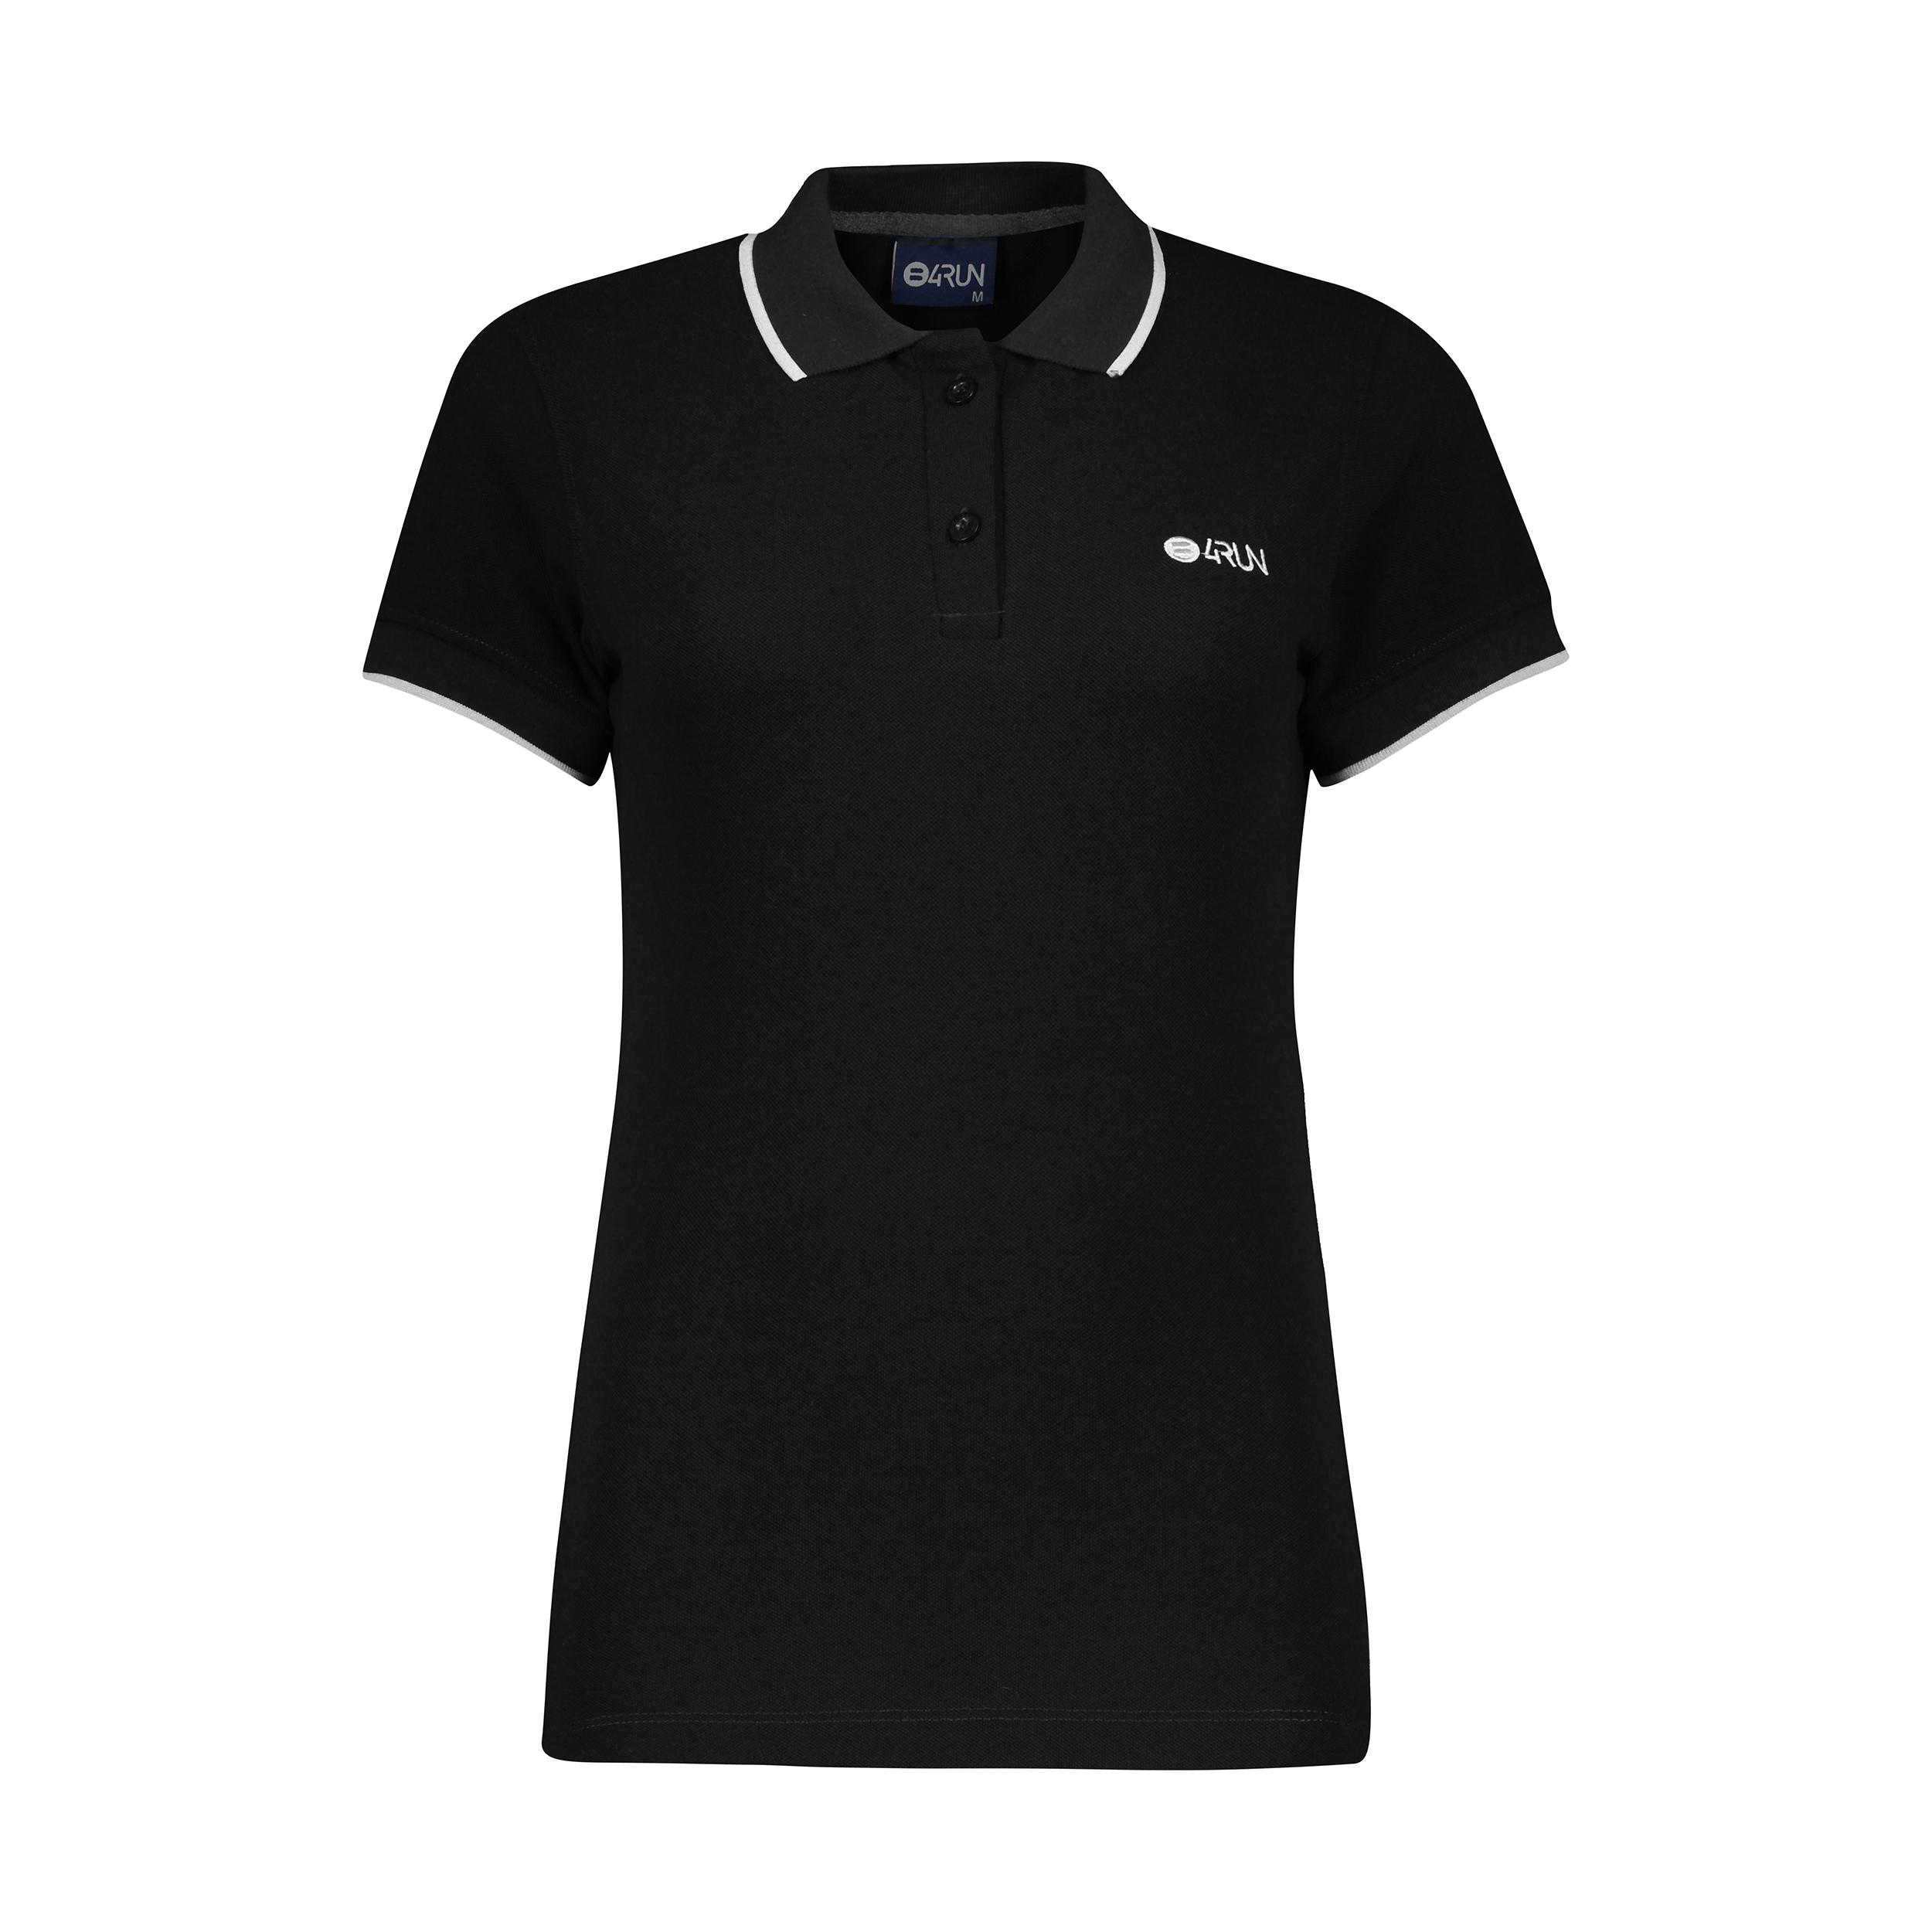 پولوشرت ورزشی زنانه بی فور ران مدل 210421-99